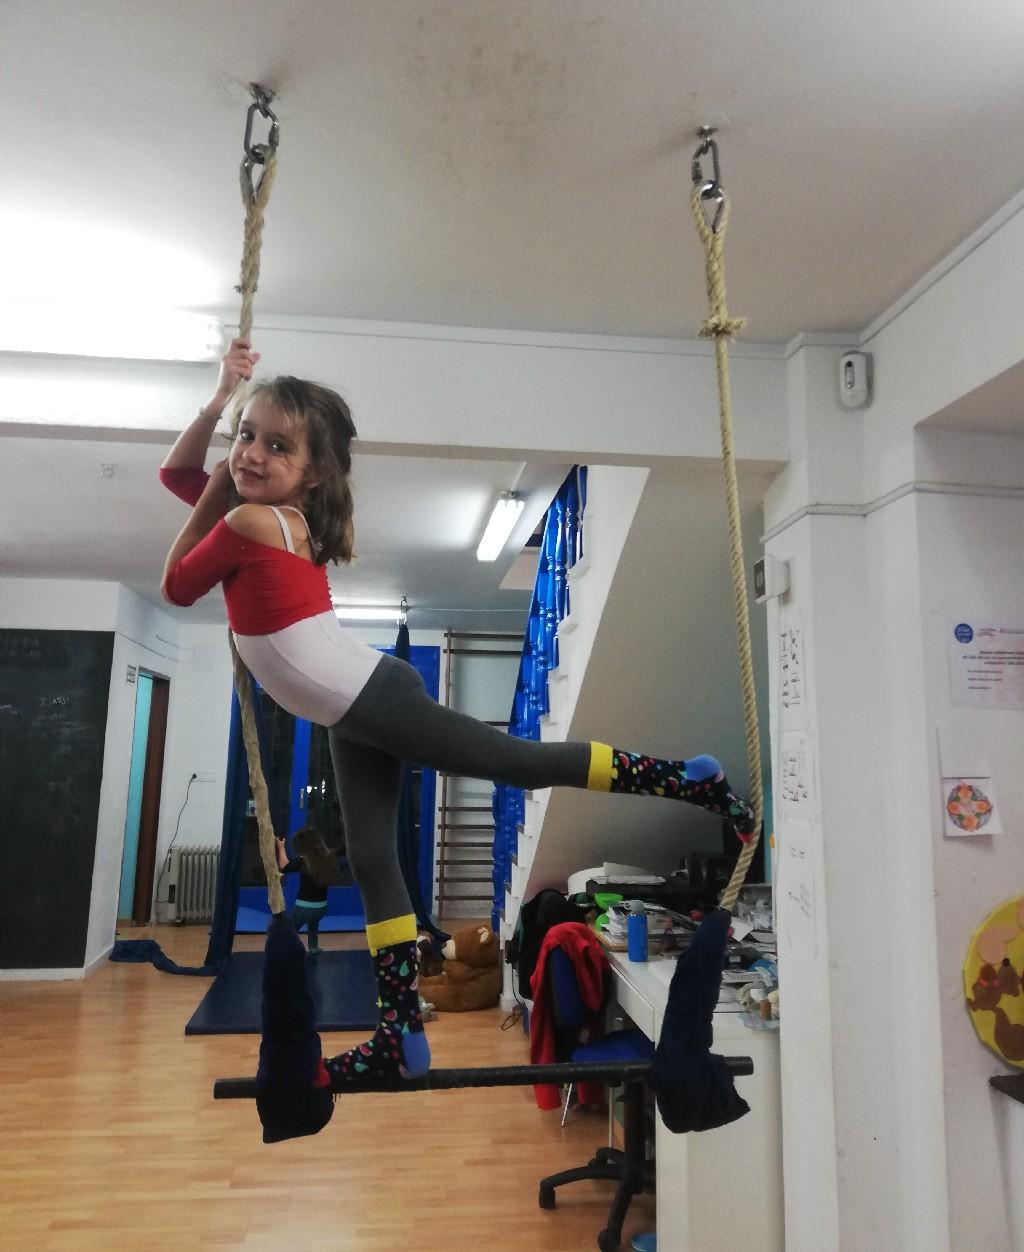 Curs 2021 - 2022 Curs de circ Infantil per mainada de 3 fins a 6 anys